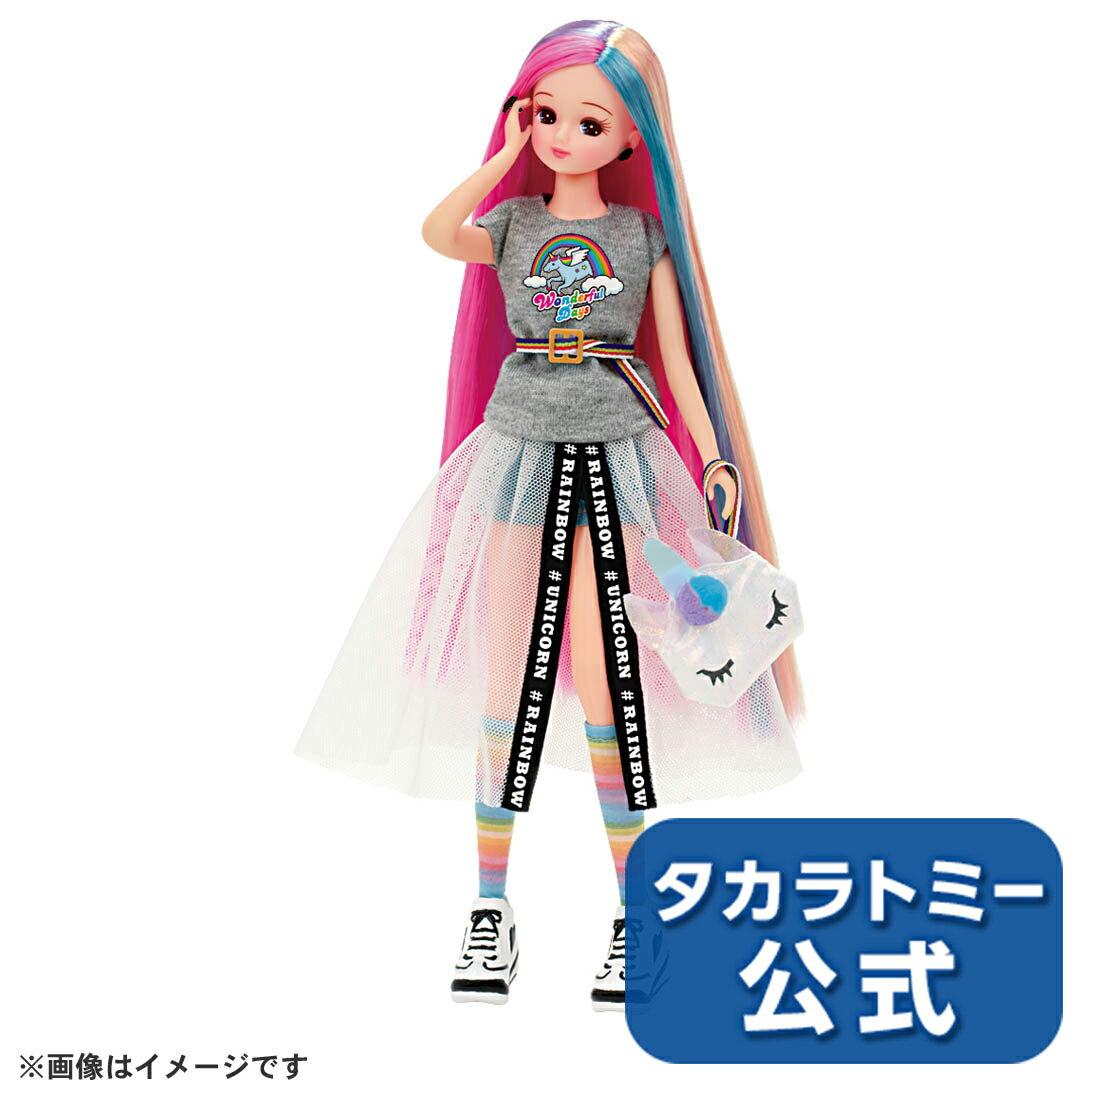 ぬいぐるみ・人形, 着せ替え人形  Licca